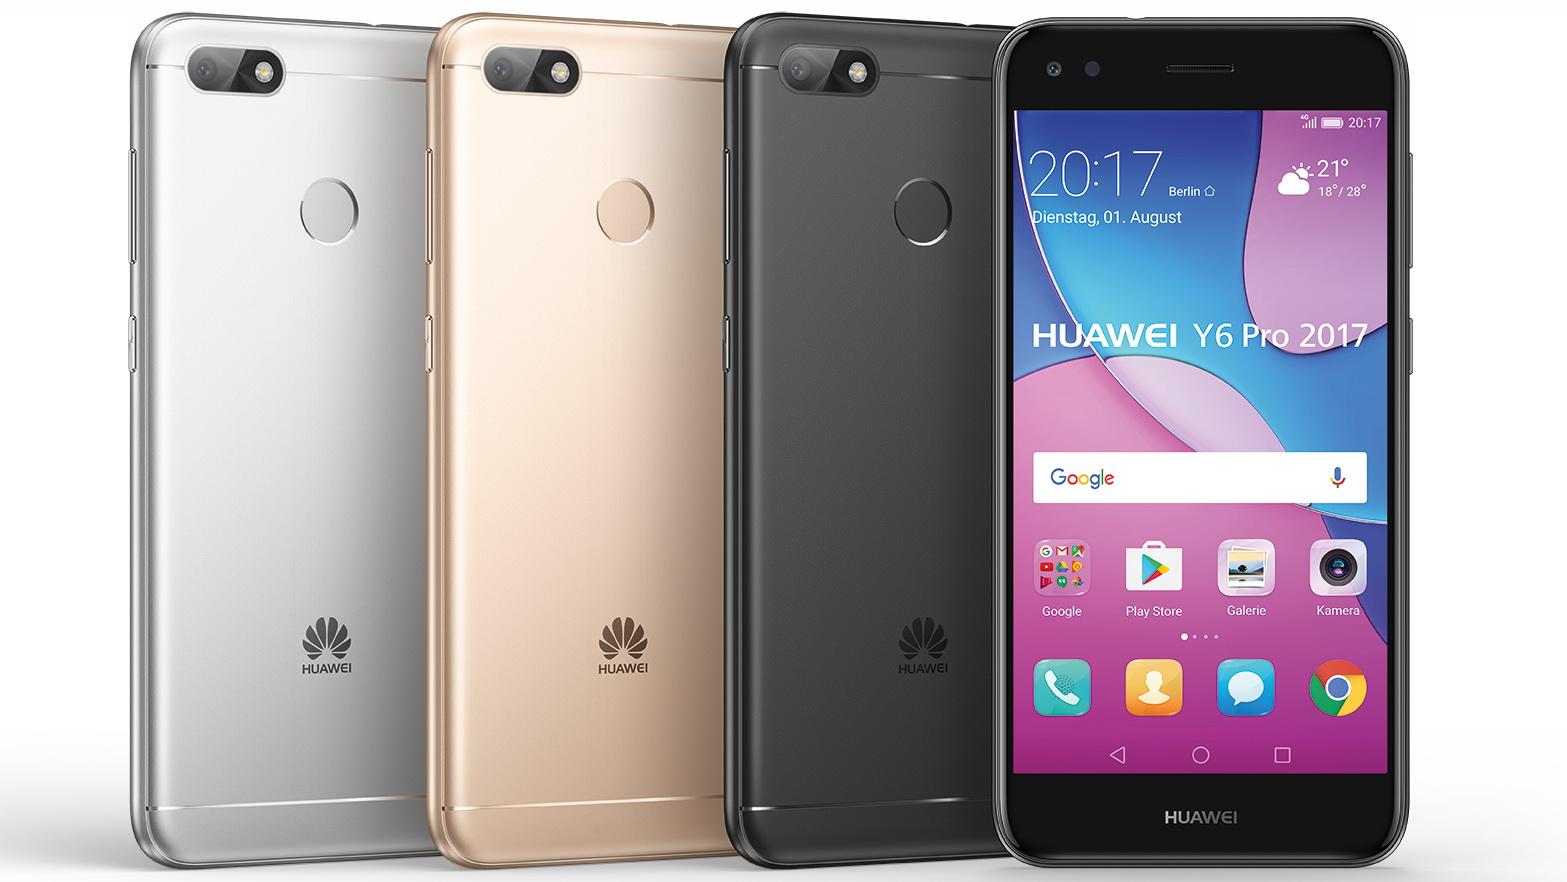 Huawei bringt das neue Einstiegs-Smartphone Y6 Pro (2017)